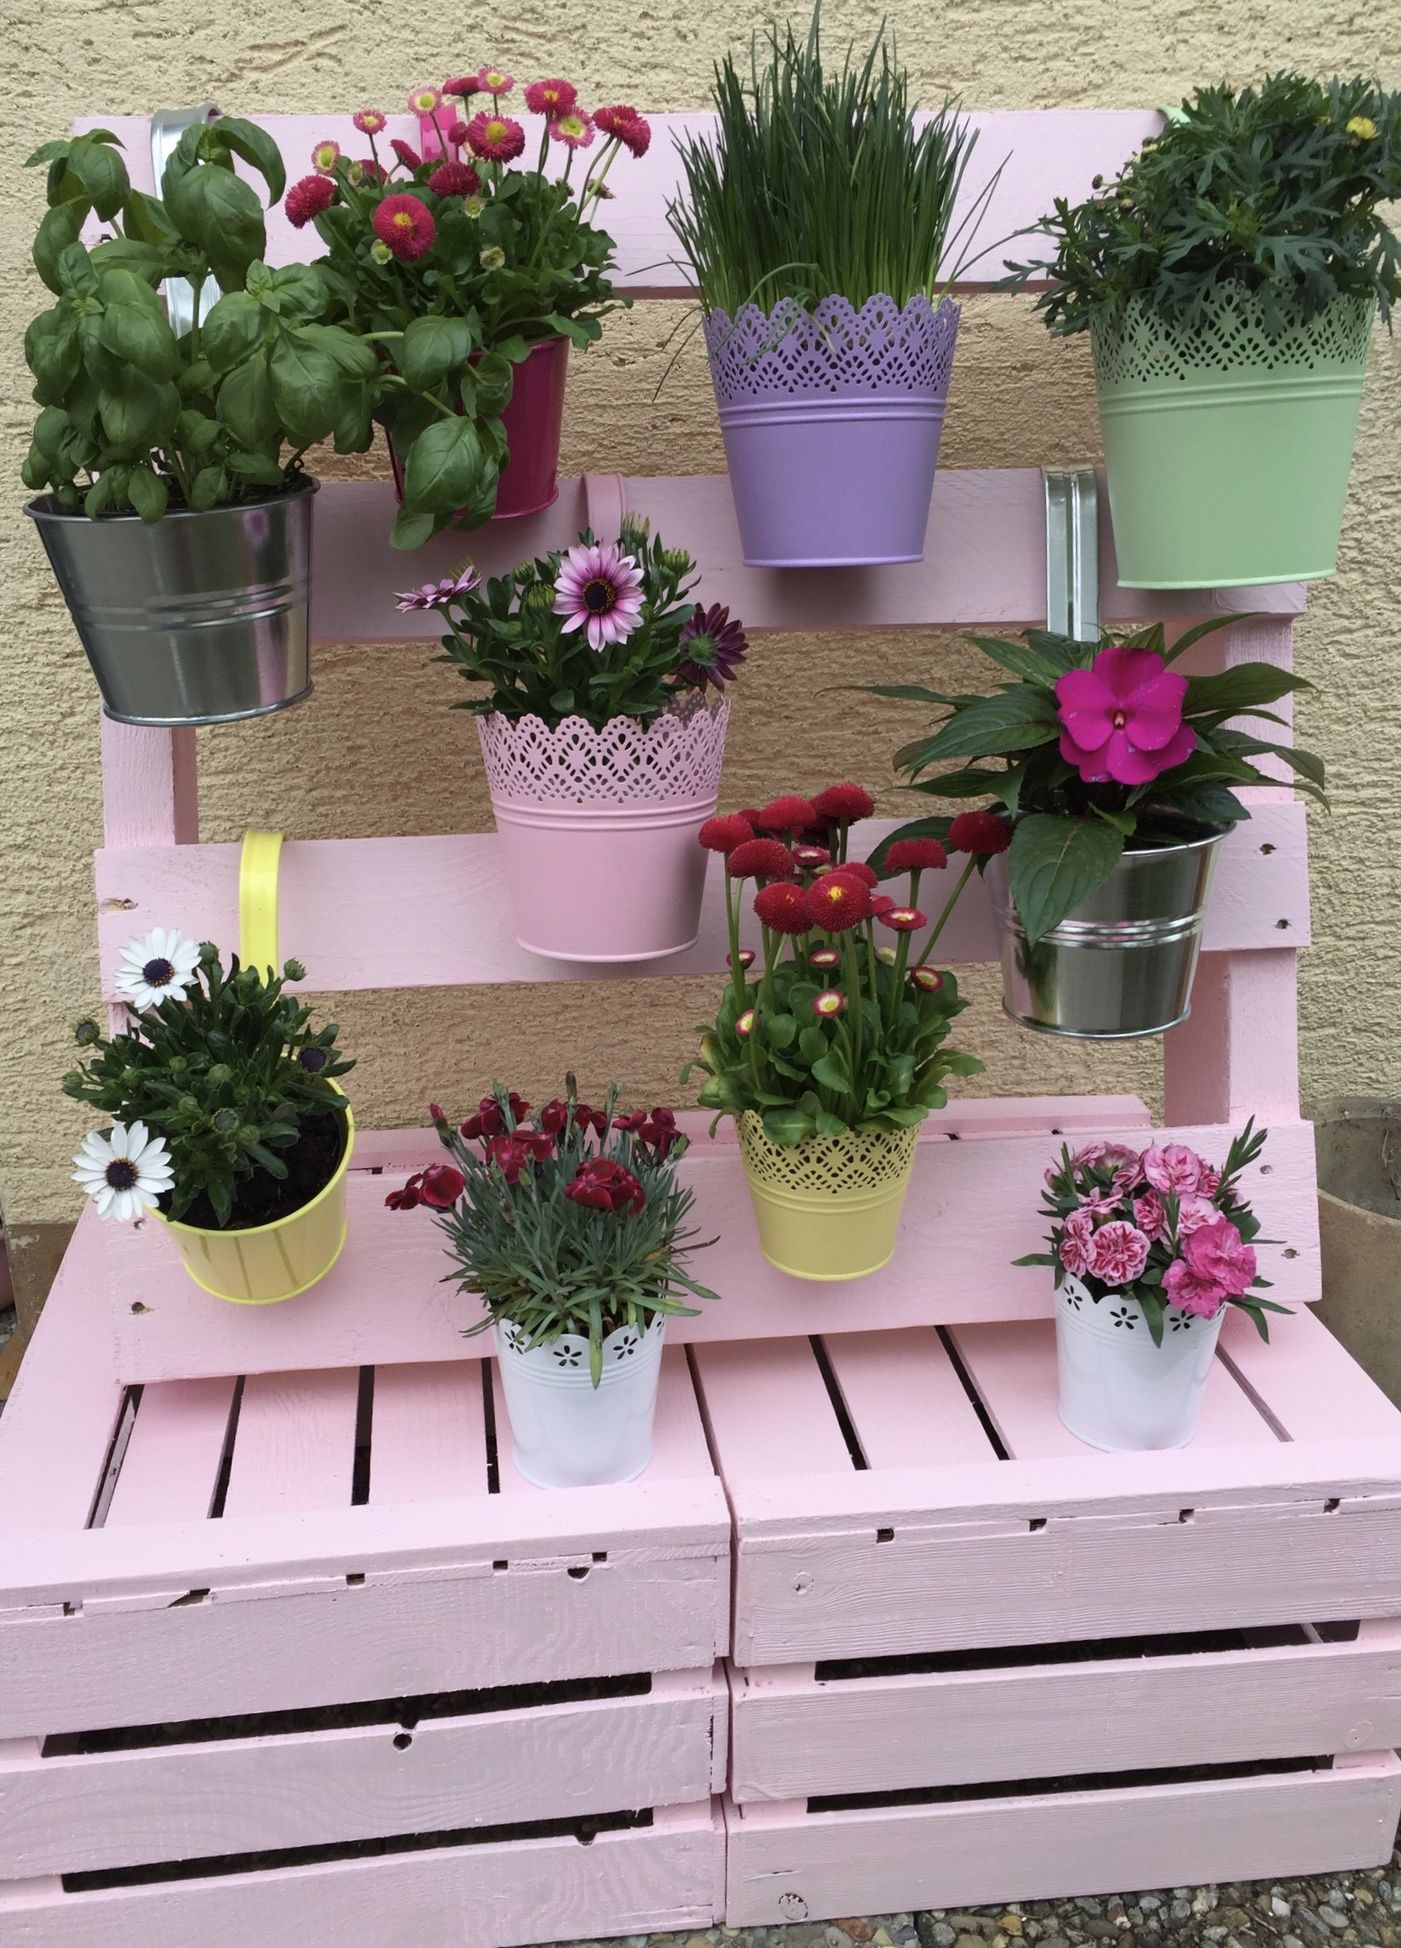 diy flowers blumen selfmade paletten palette europalette bunt fr hling sommer. Black Bedroom Furniture Sets. Home Design Ideas